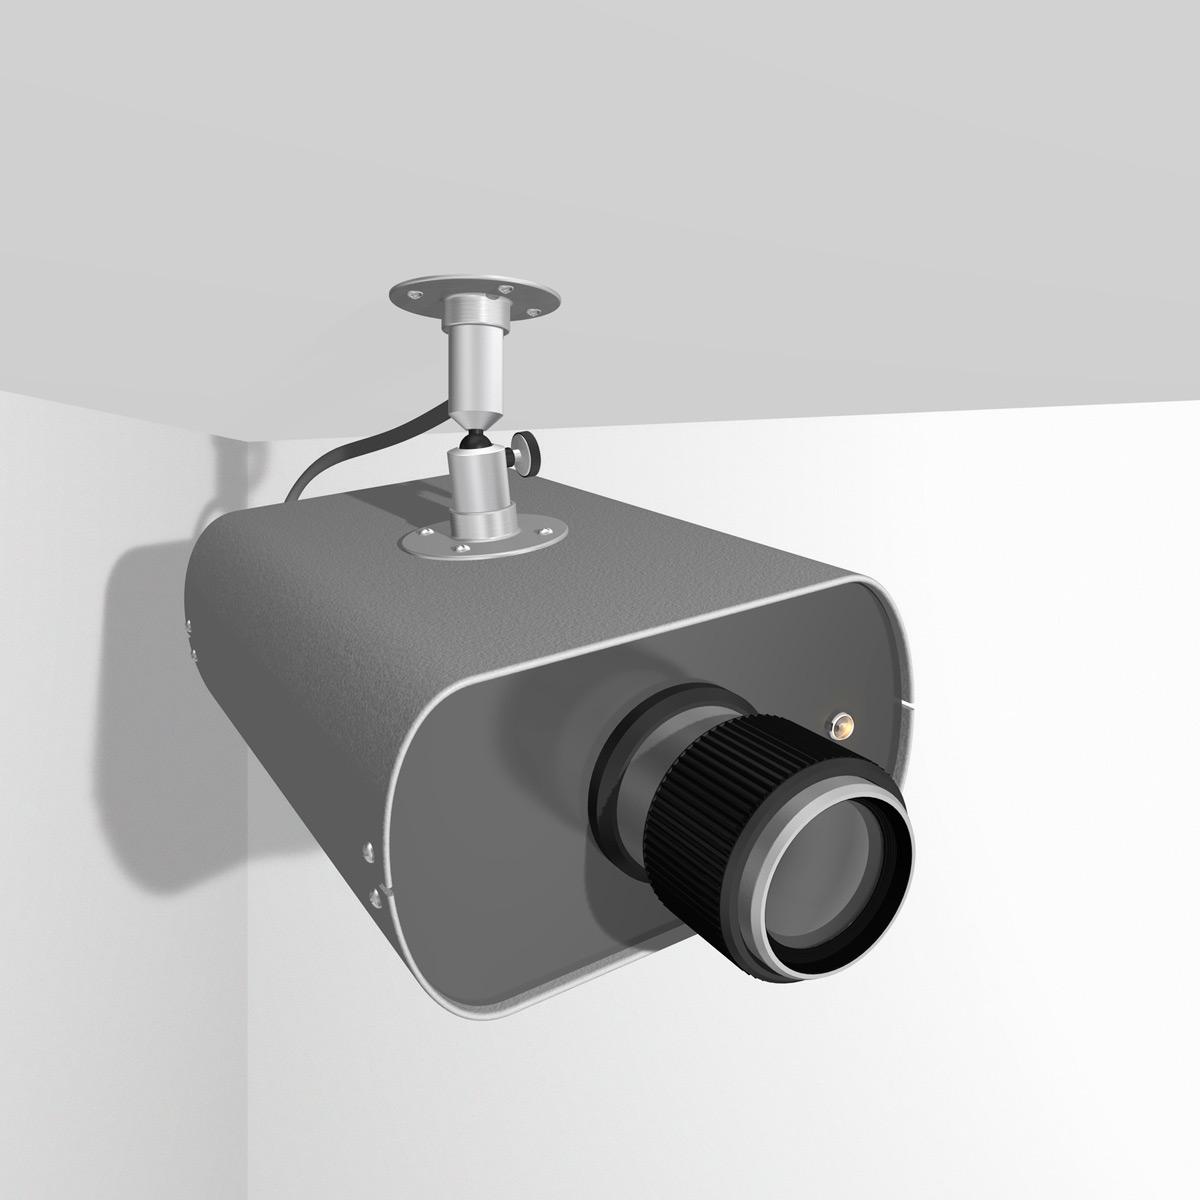 自分で設置できる!手軽な防犯カメラの選び方ガイド